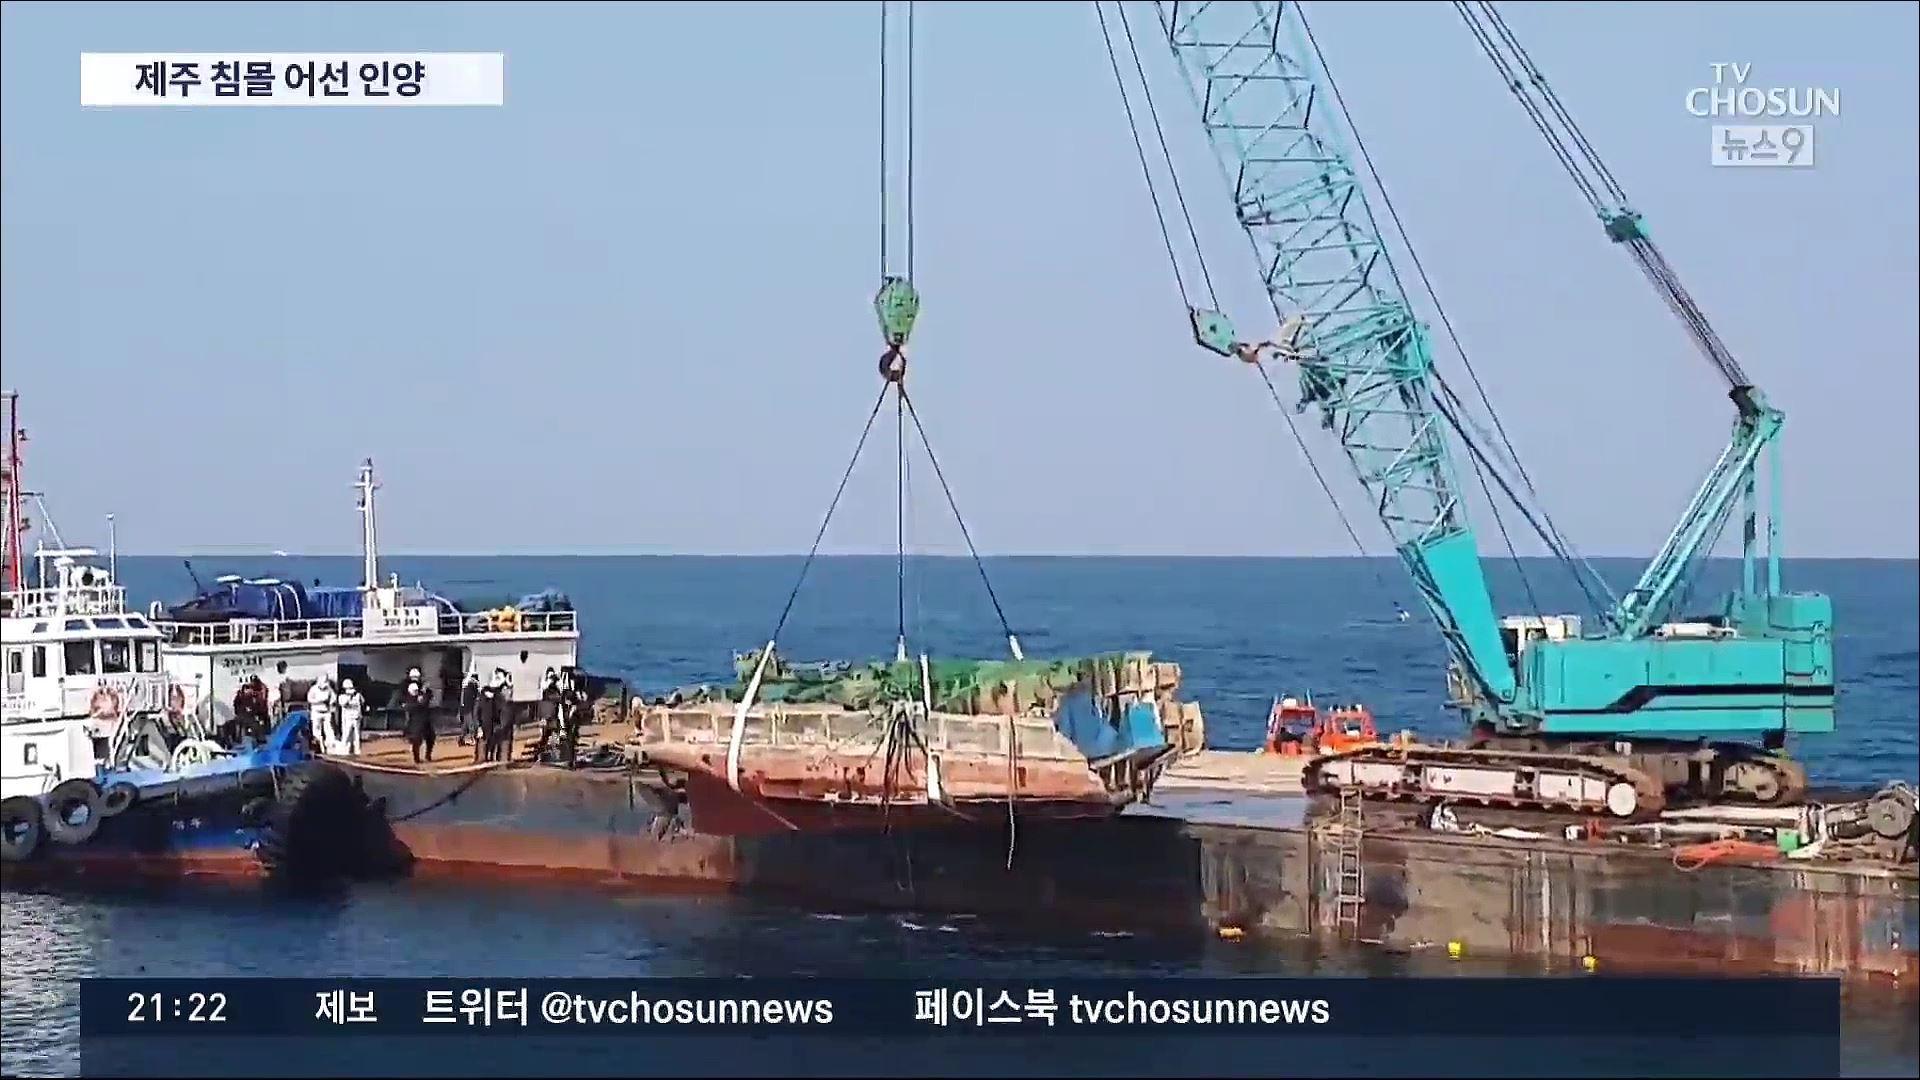 제주 앞바다 침몰 어선 인양…실종자 4명 어디에?